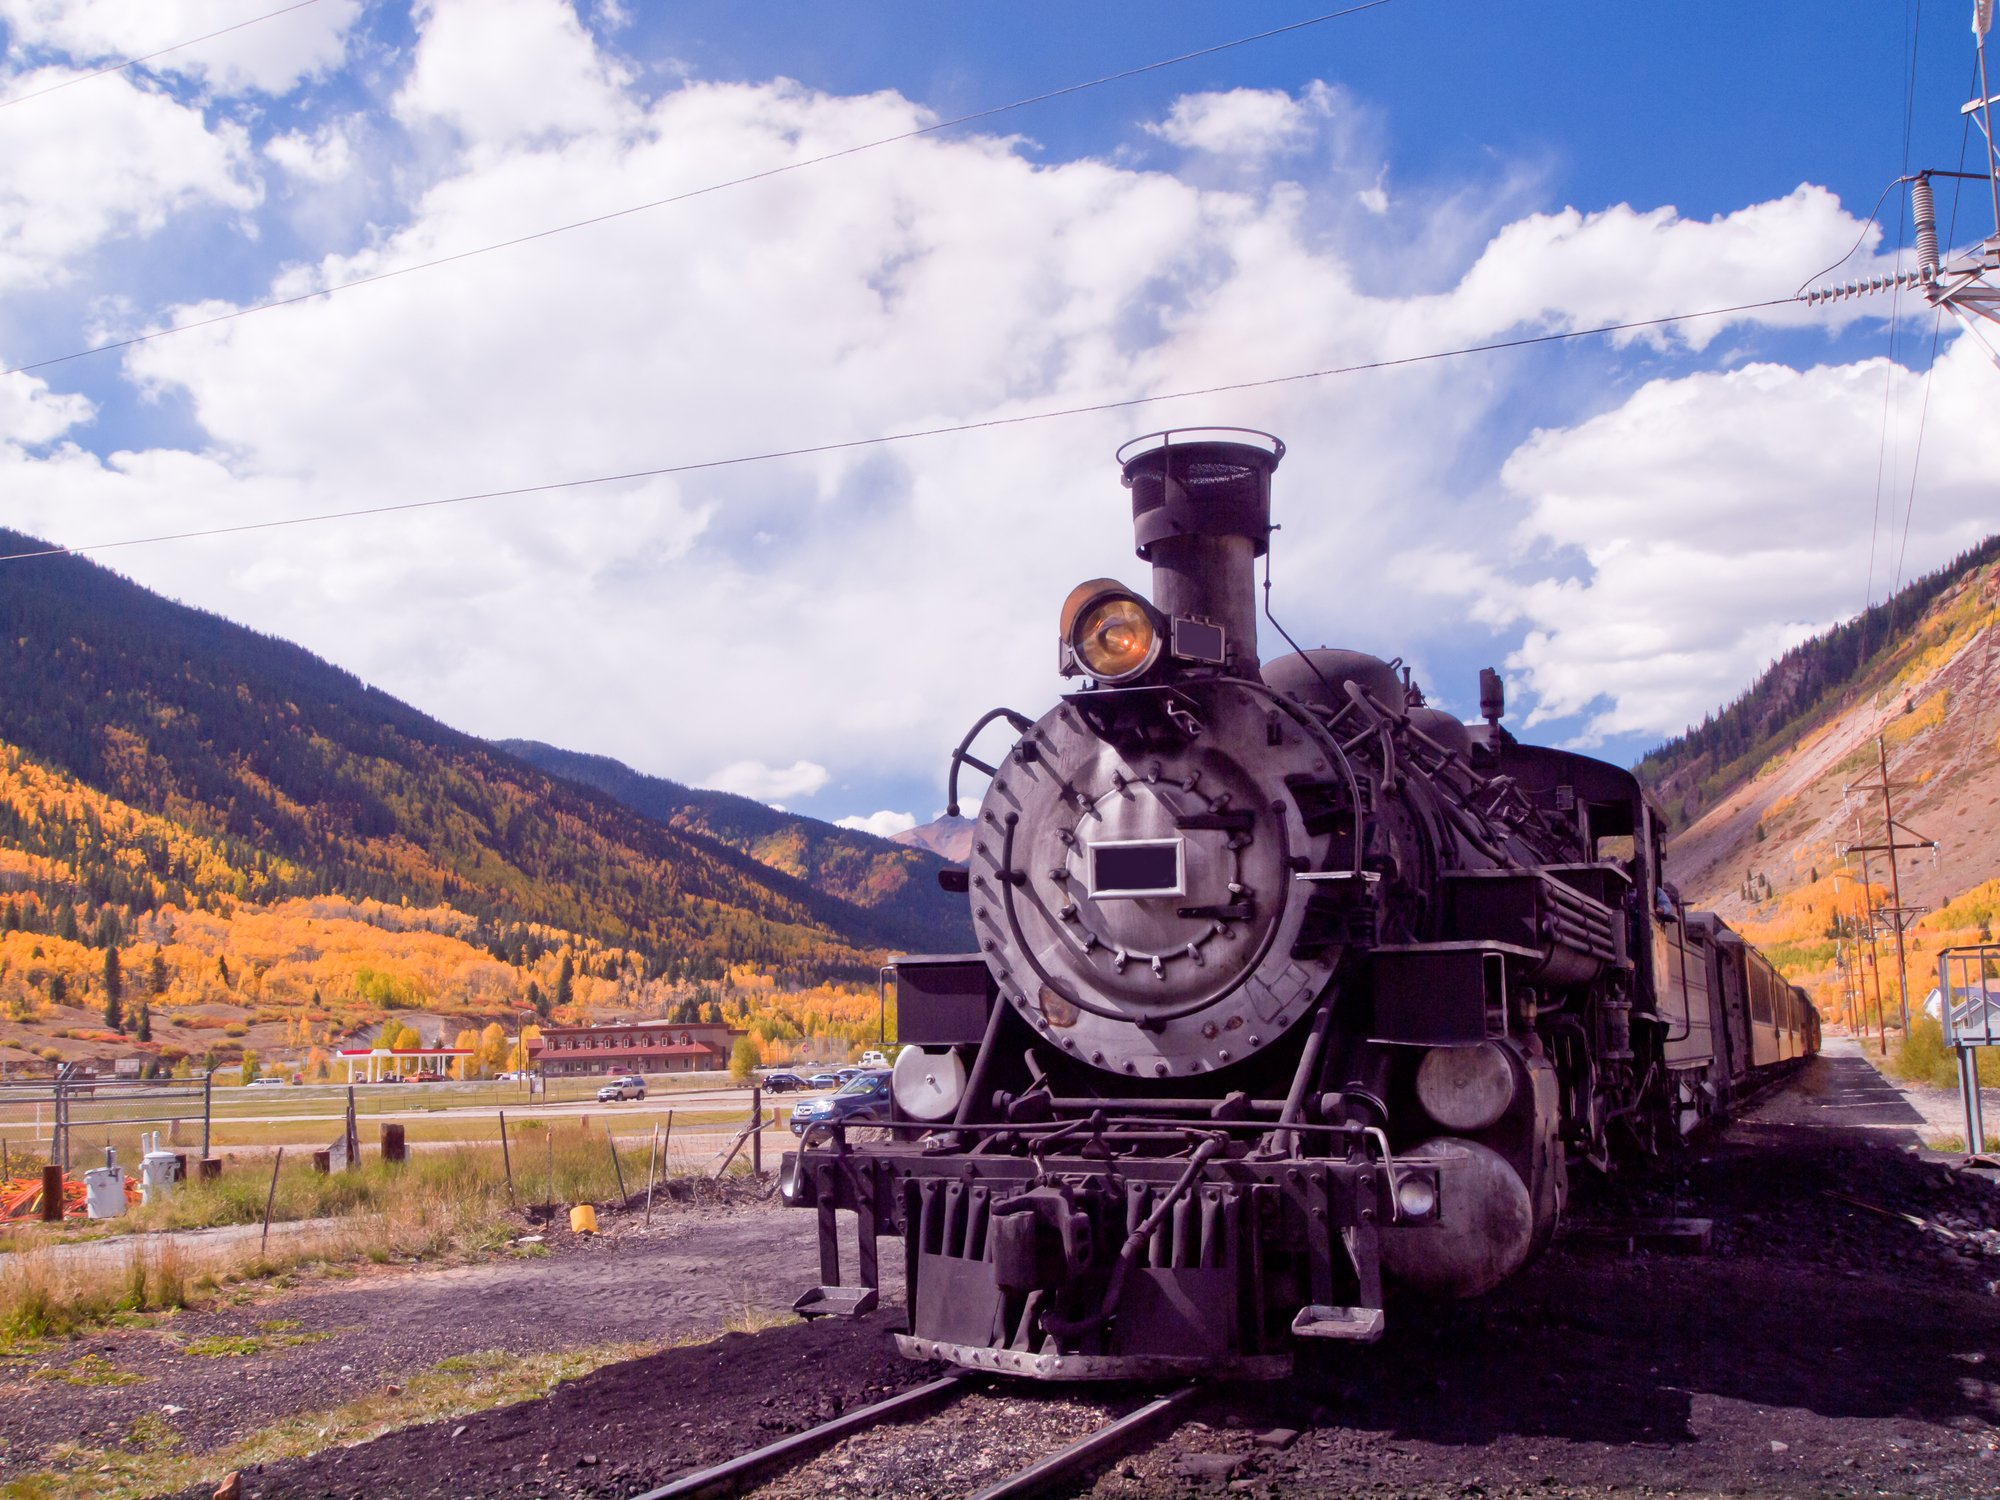 depositphotos 30926743 l 2015 - [Voyage] Traversez les États-Unis en train pour 213$!